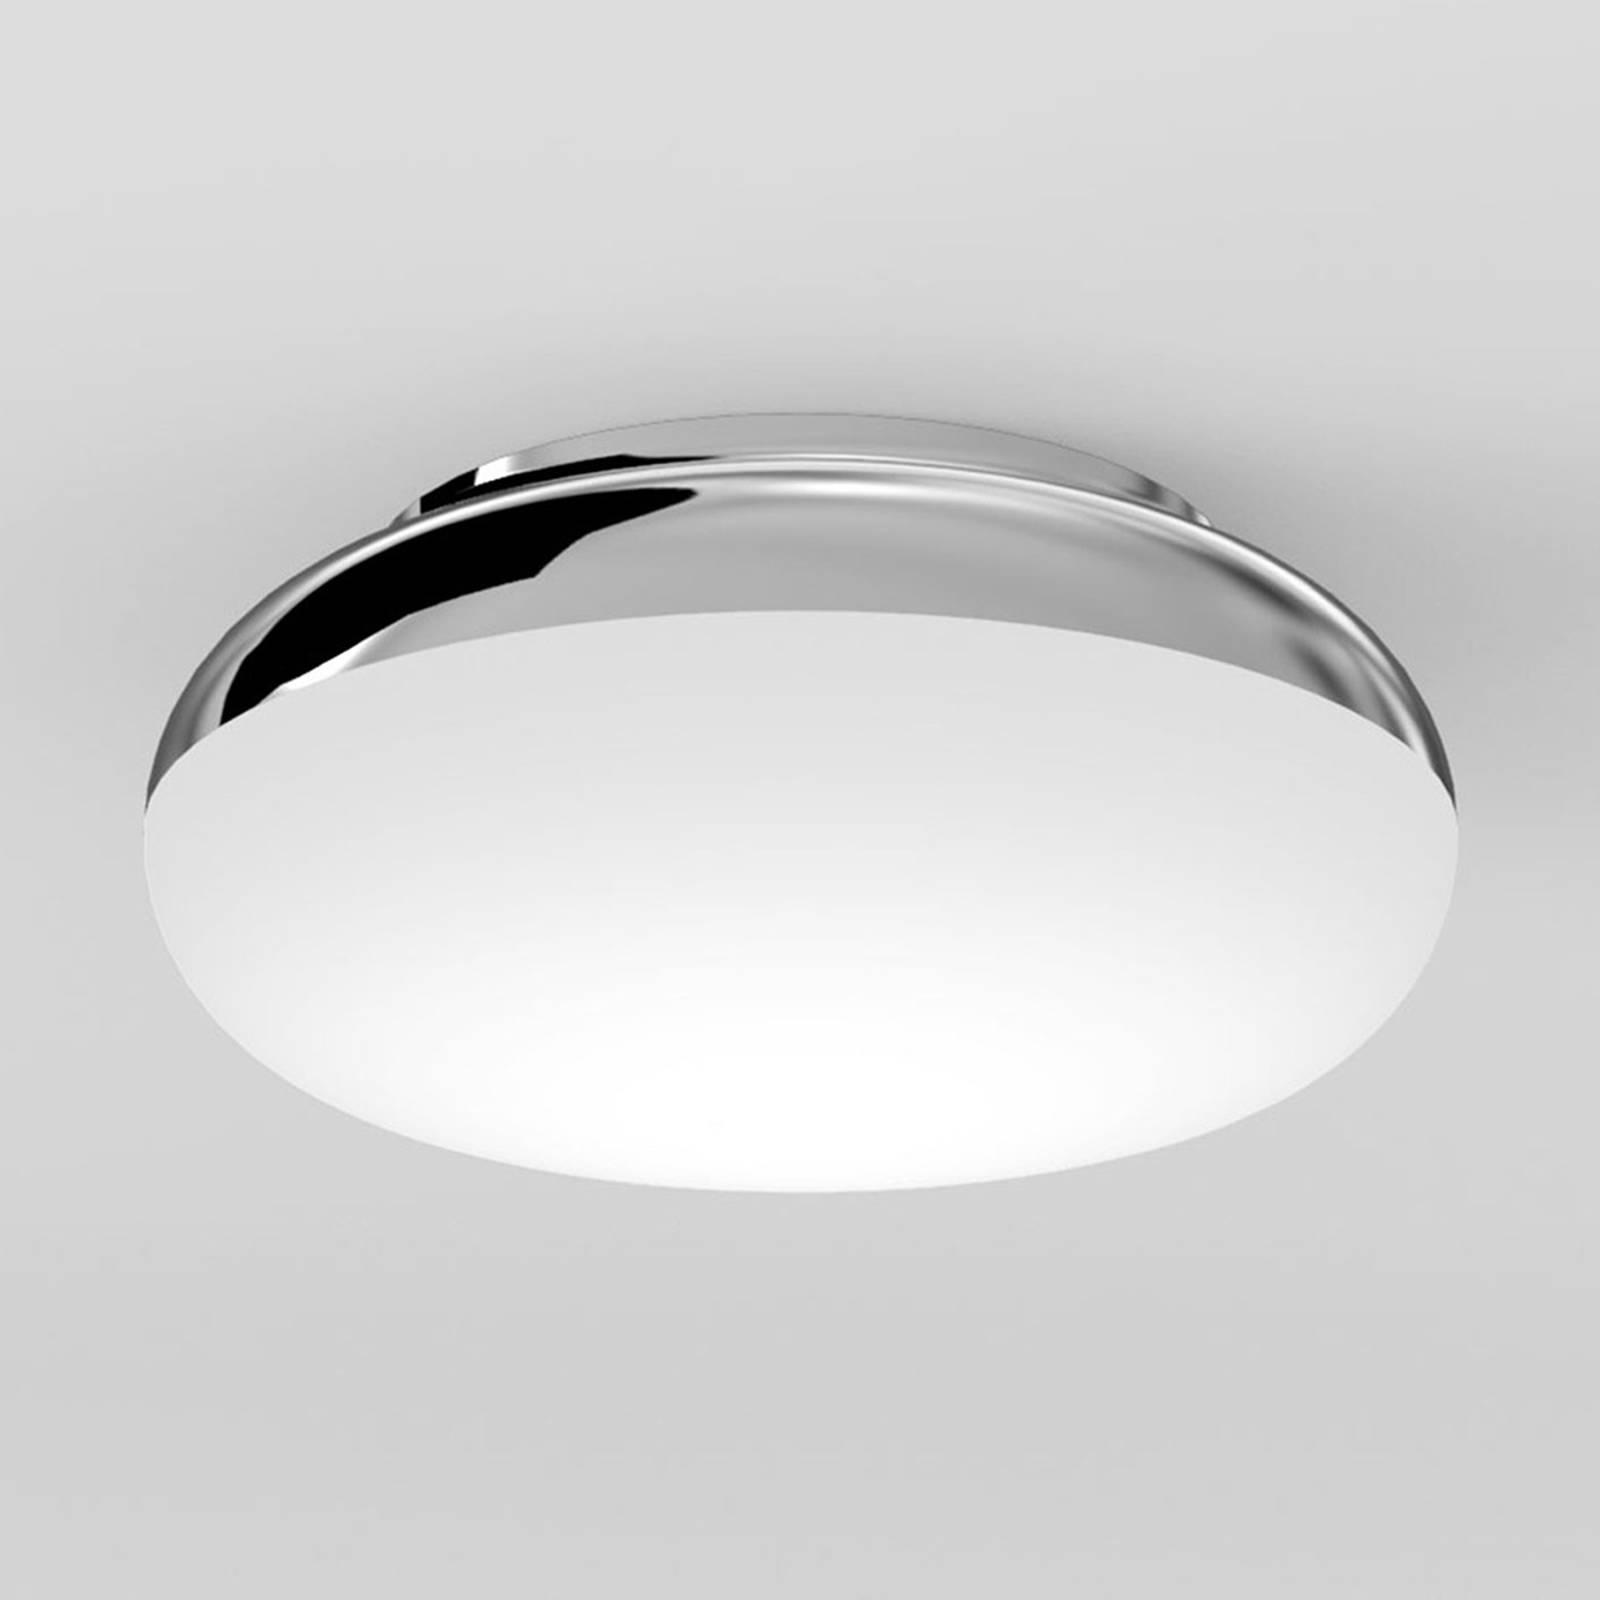 Astro Altea 150 - LED plafondlamp Ø 15 cm